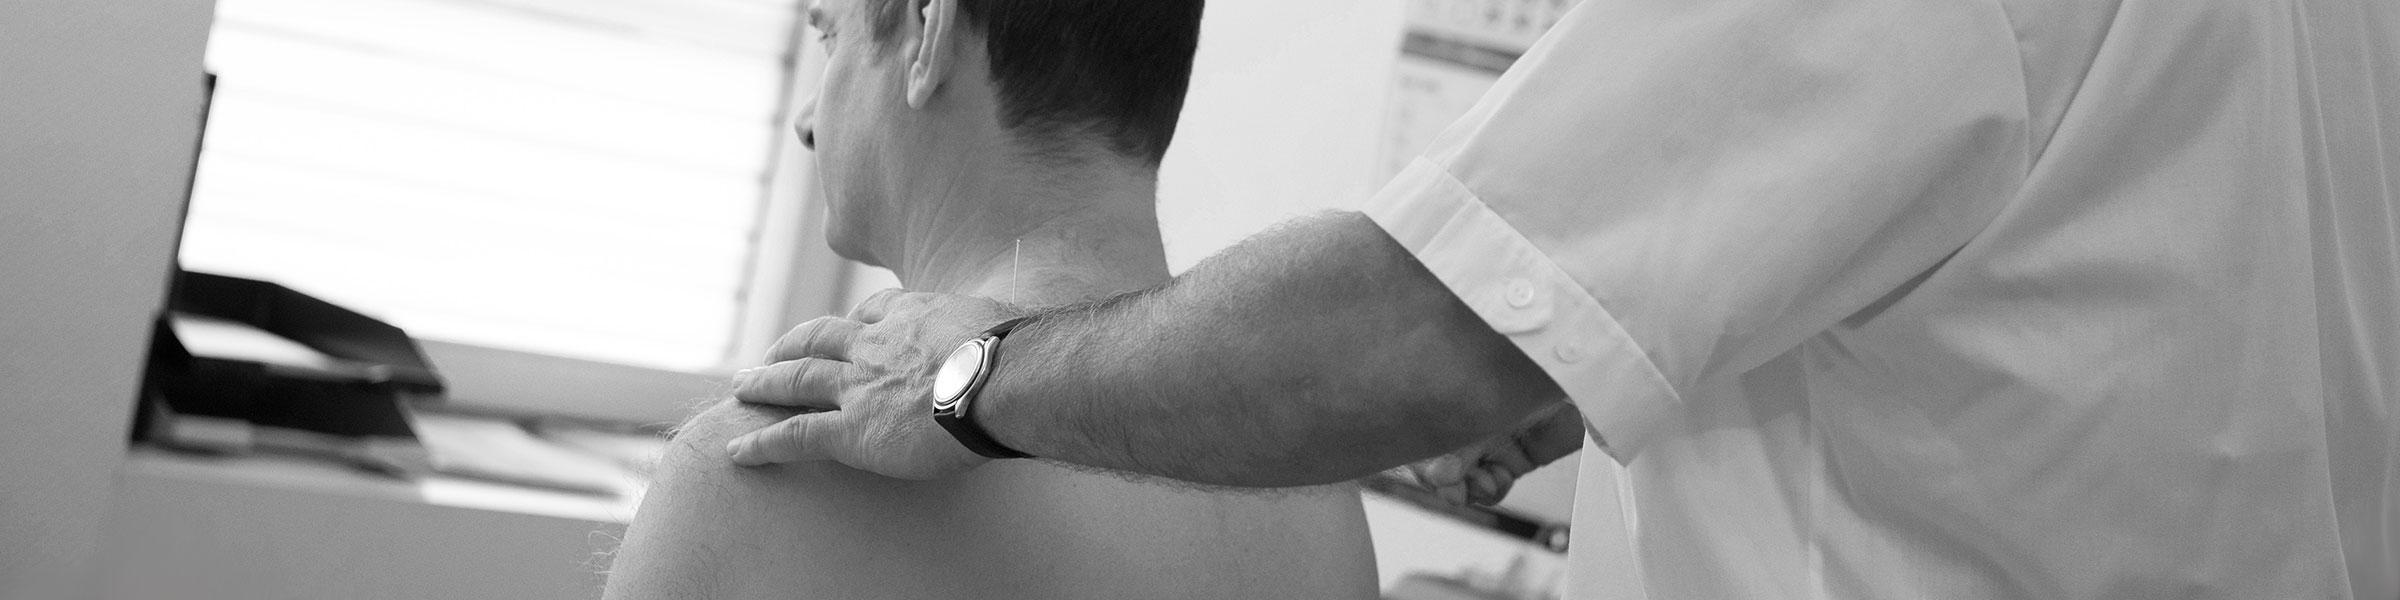 Schultergelenk